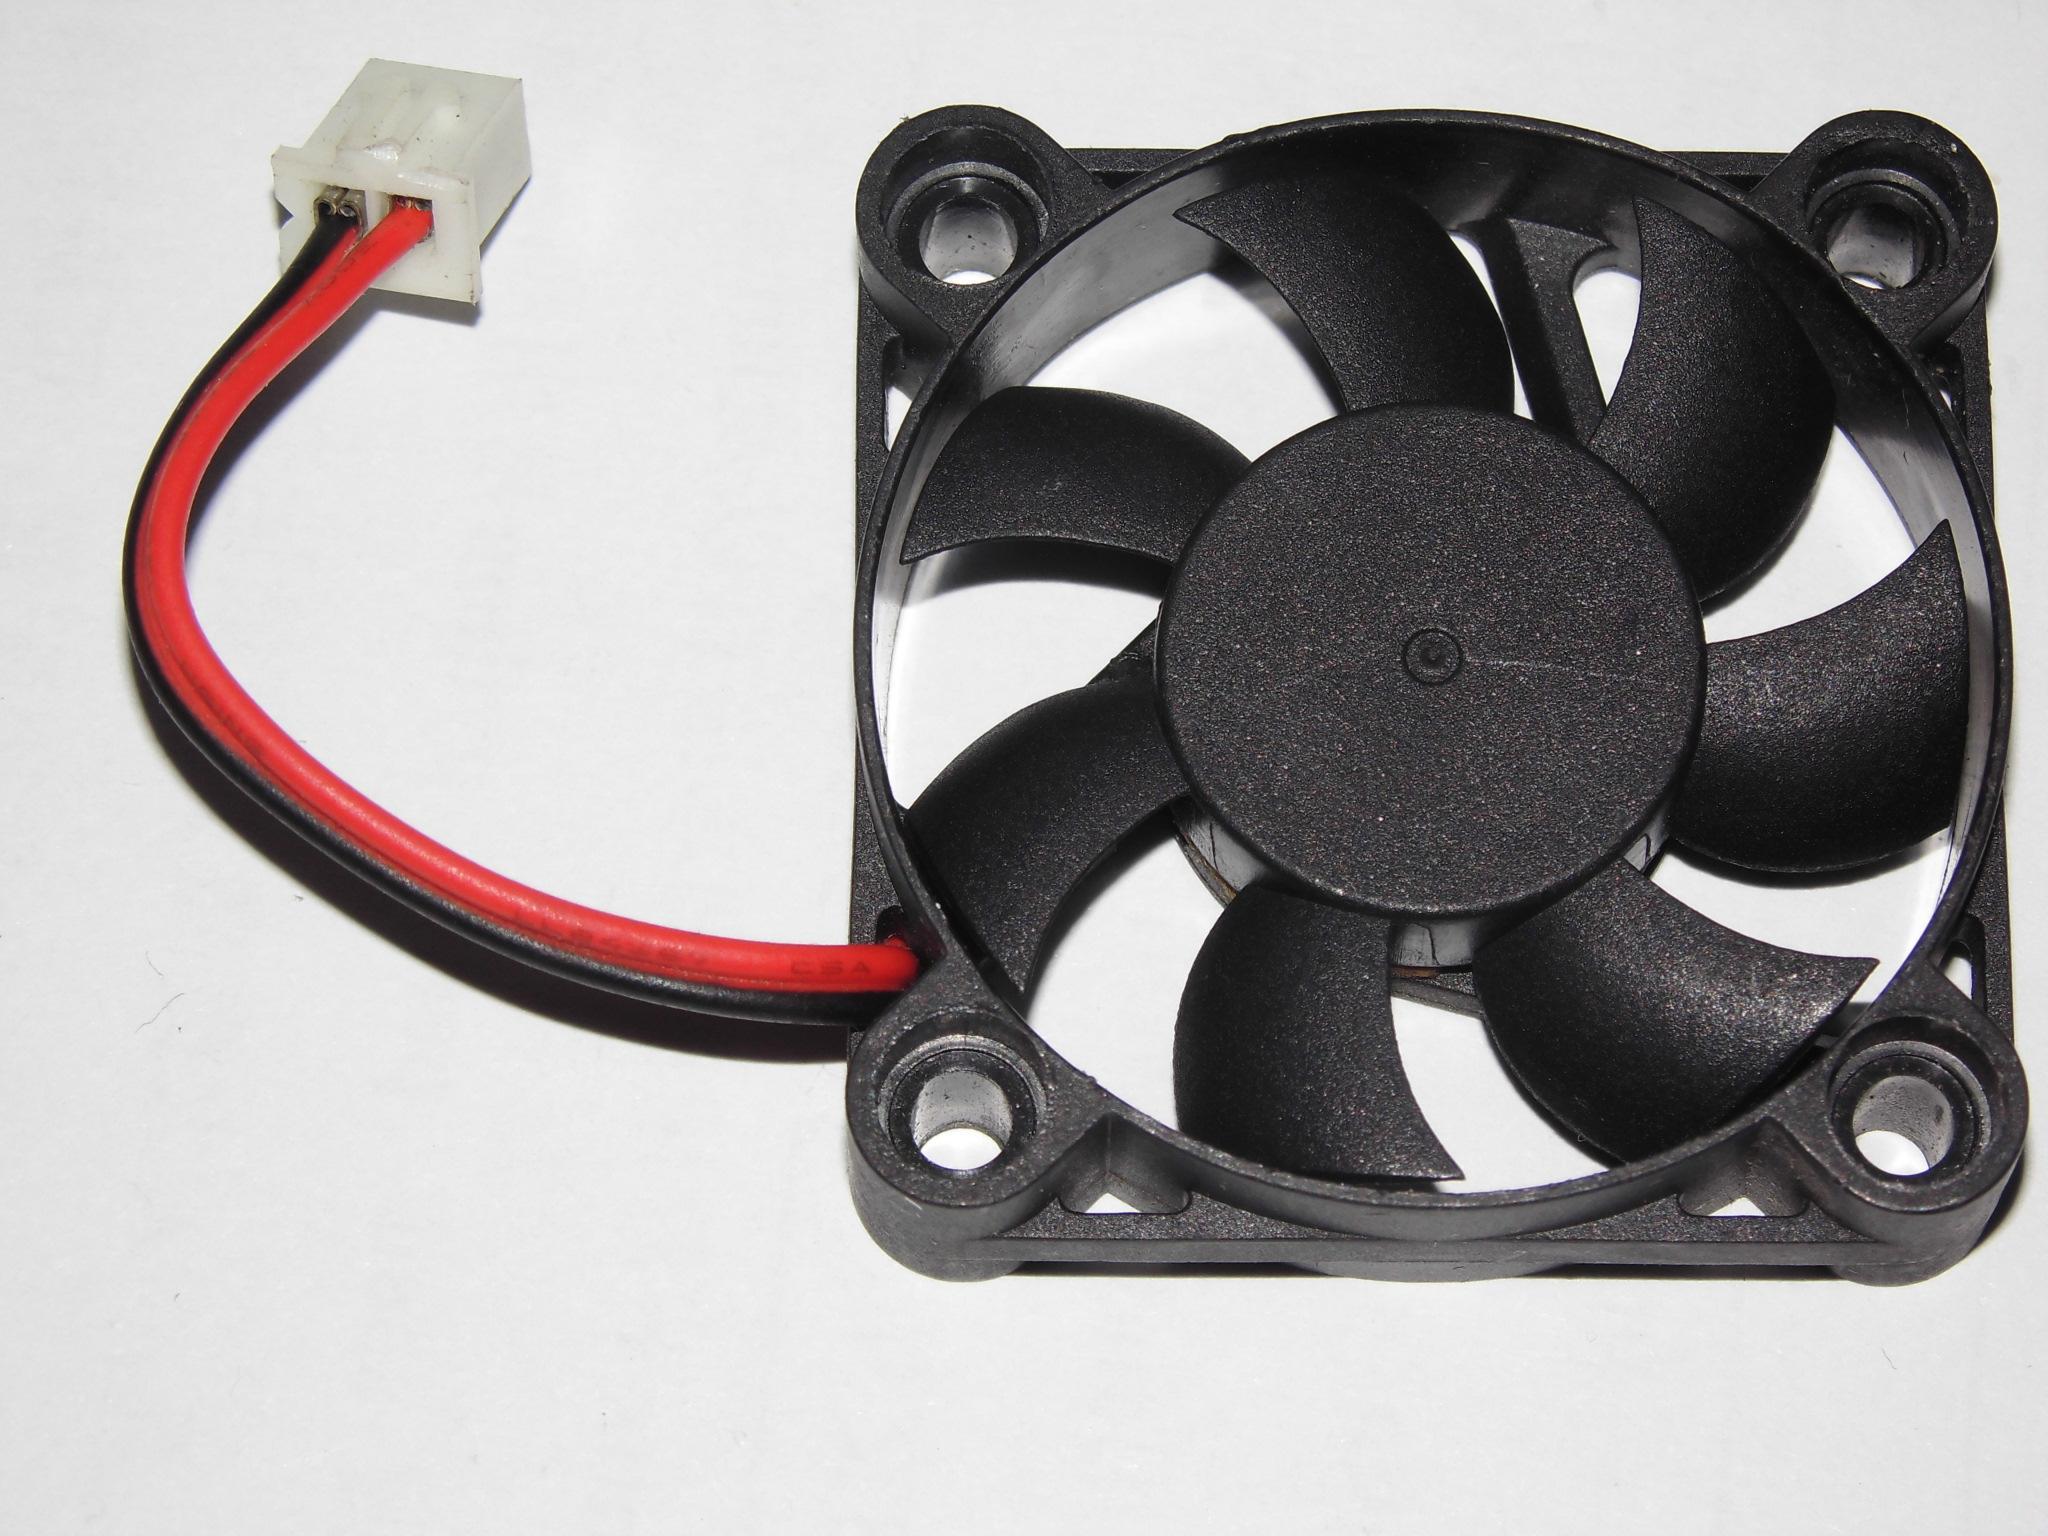 TT 4010 MW-410M12S 12V 0.09A Ventiladores de tarjeta gráfica, ventilador, ventilador de refrigeración